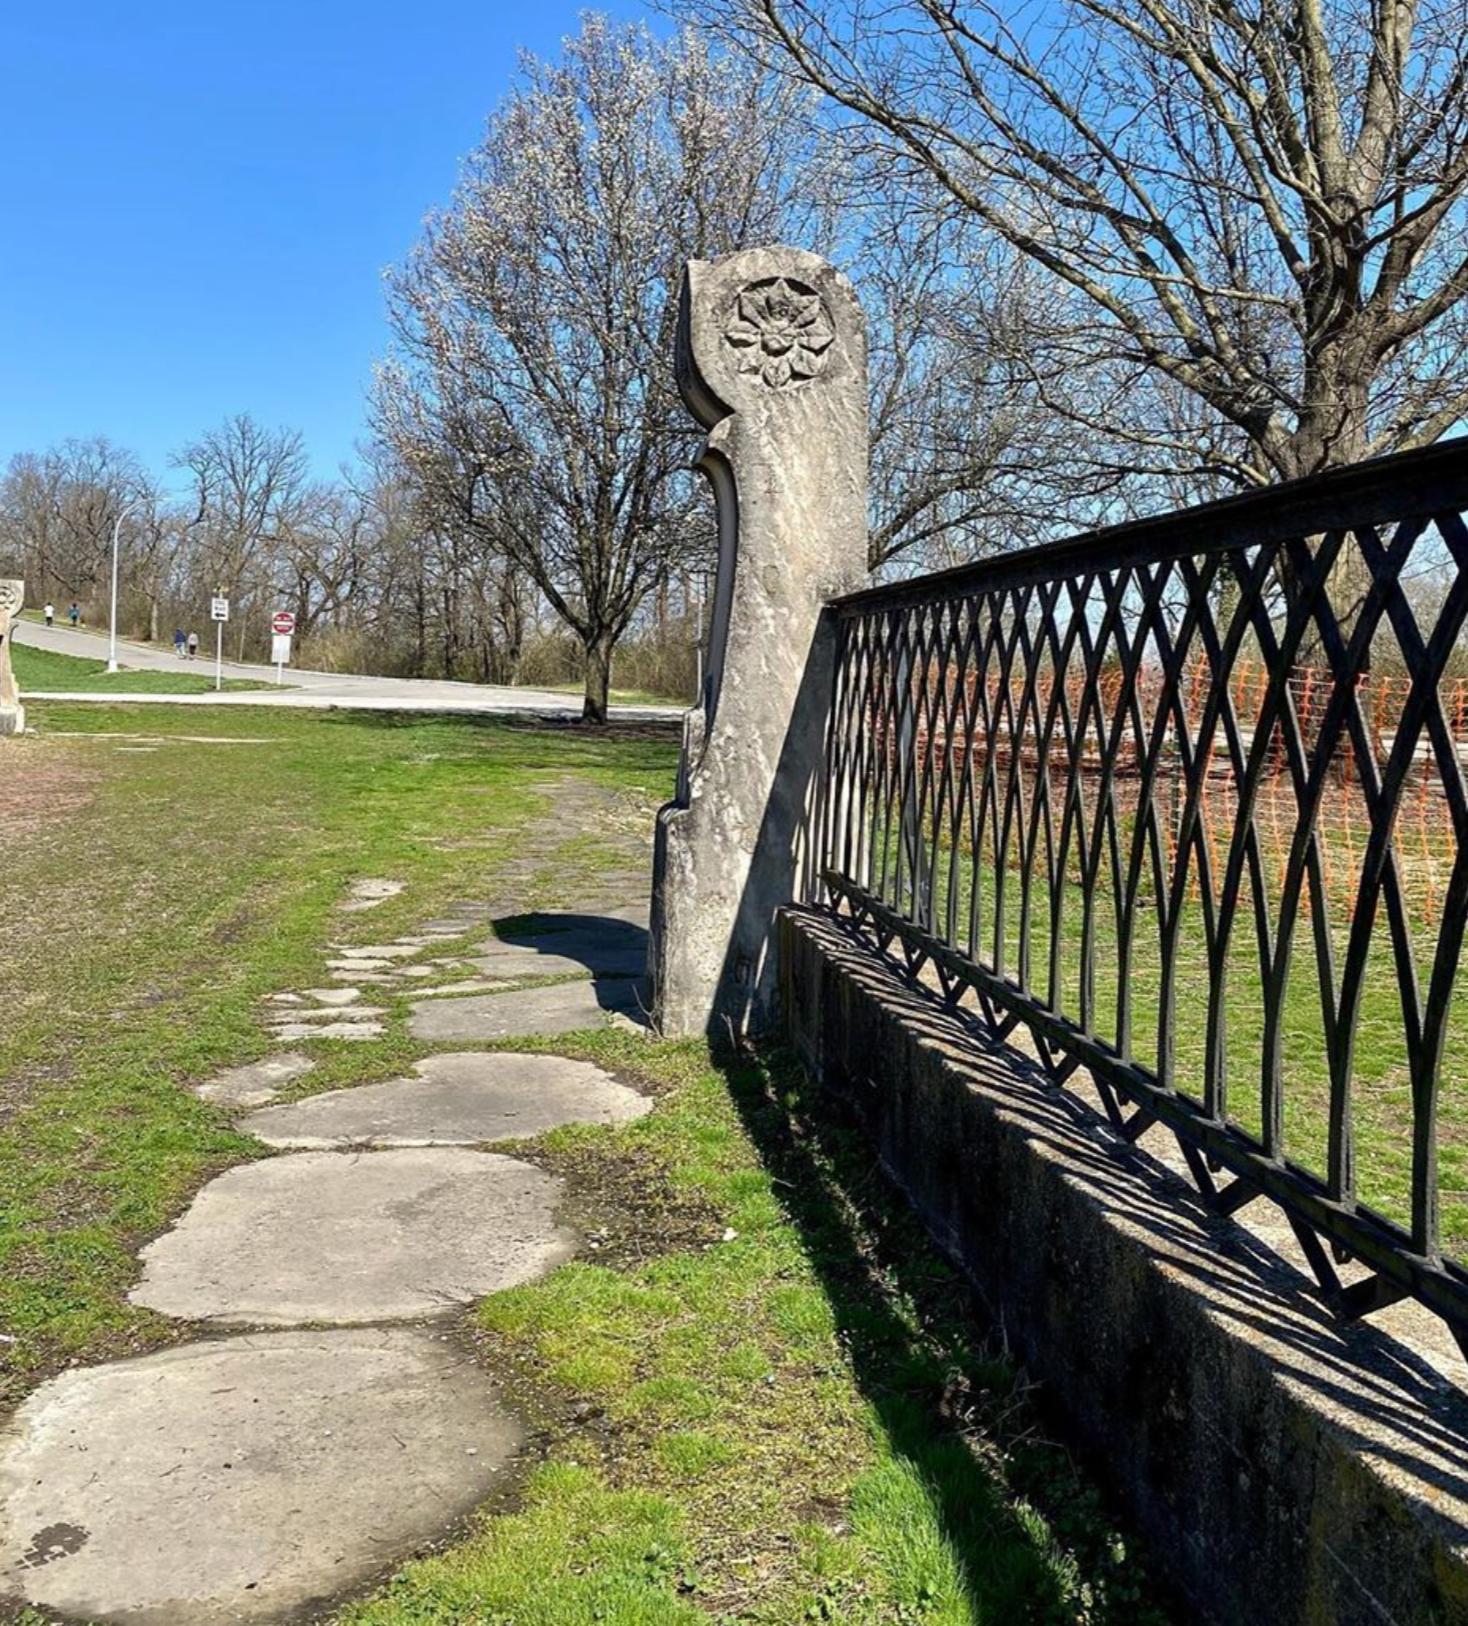 Bridge at Eden Park in Cincinnati, Ohio